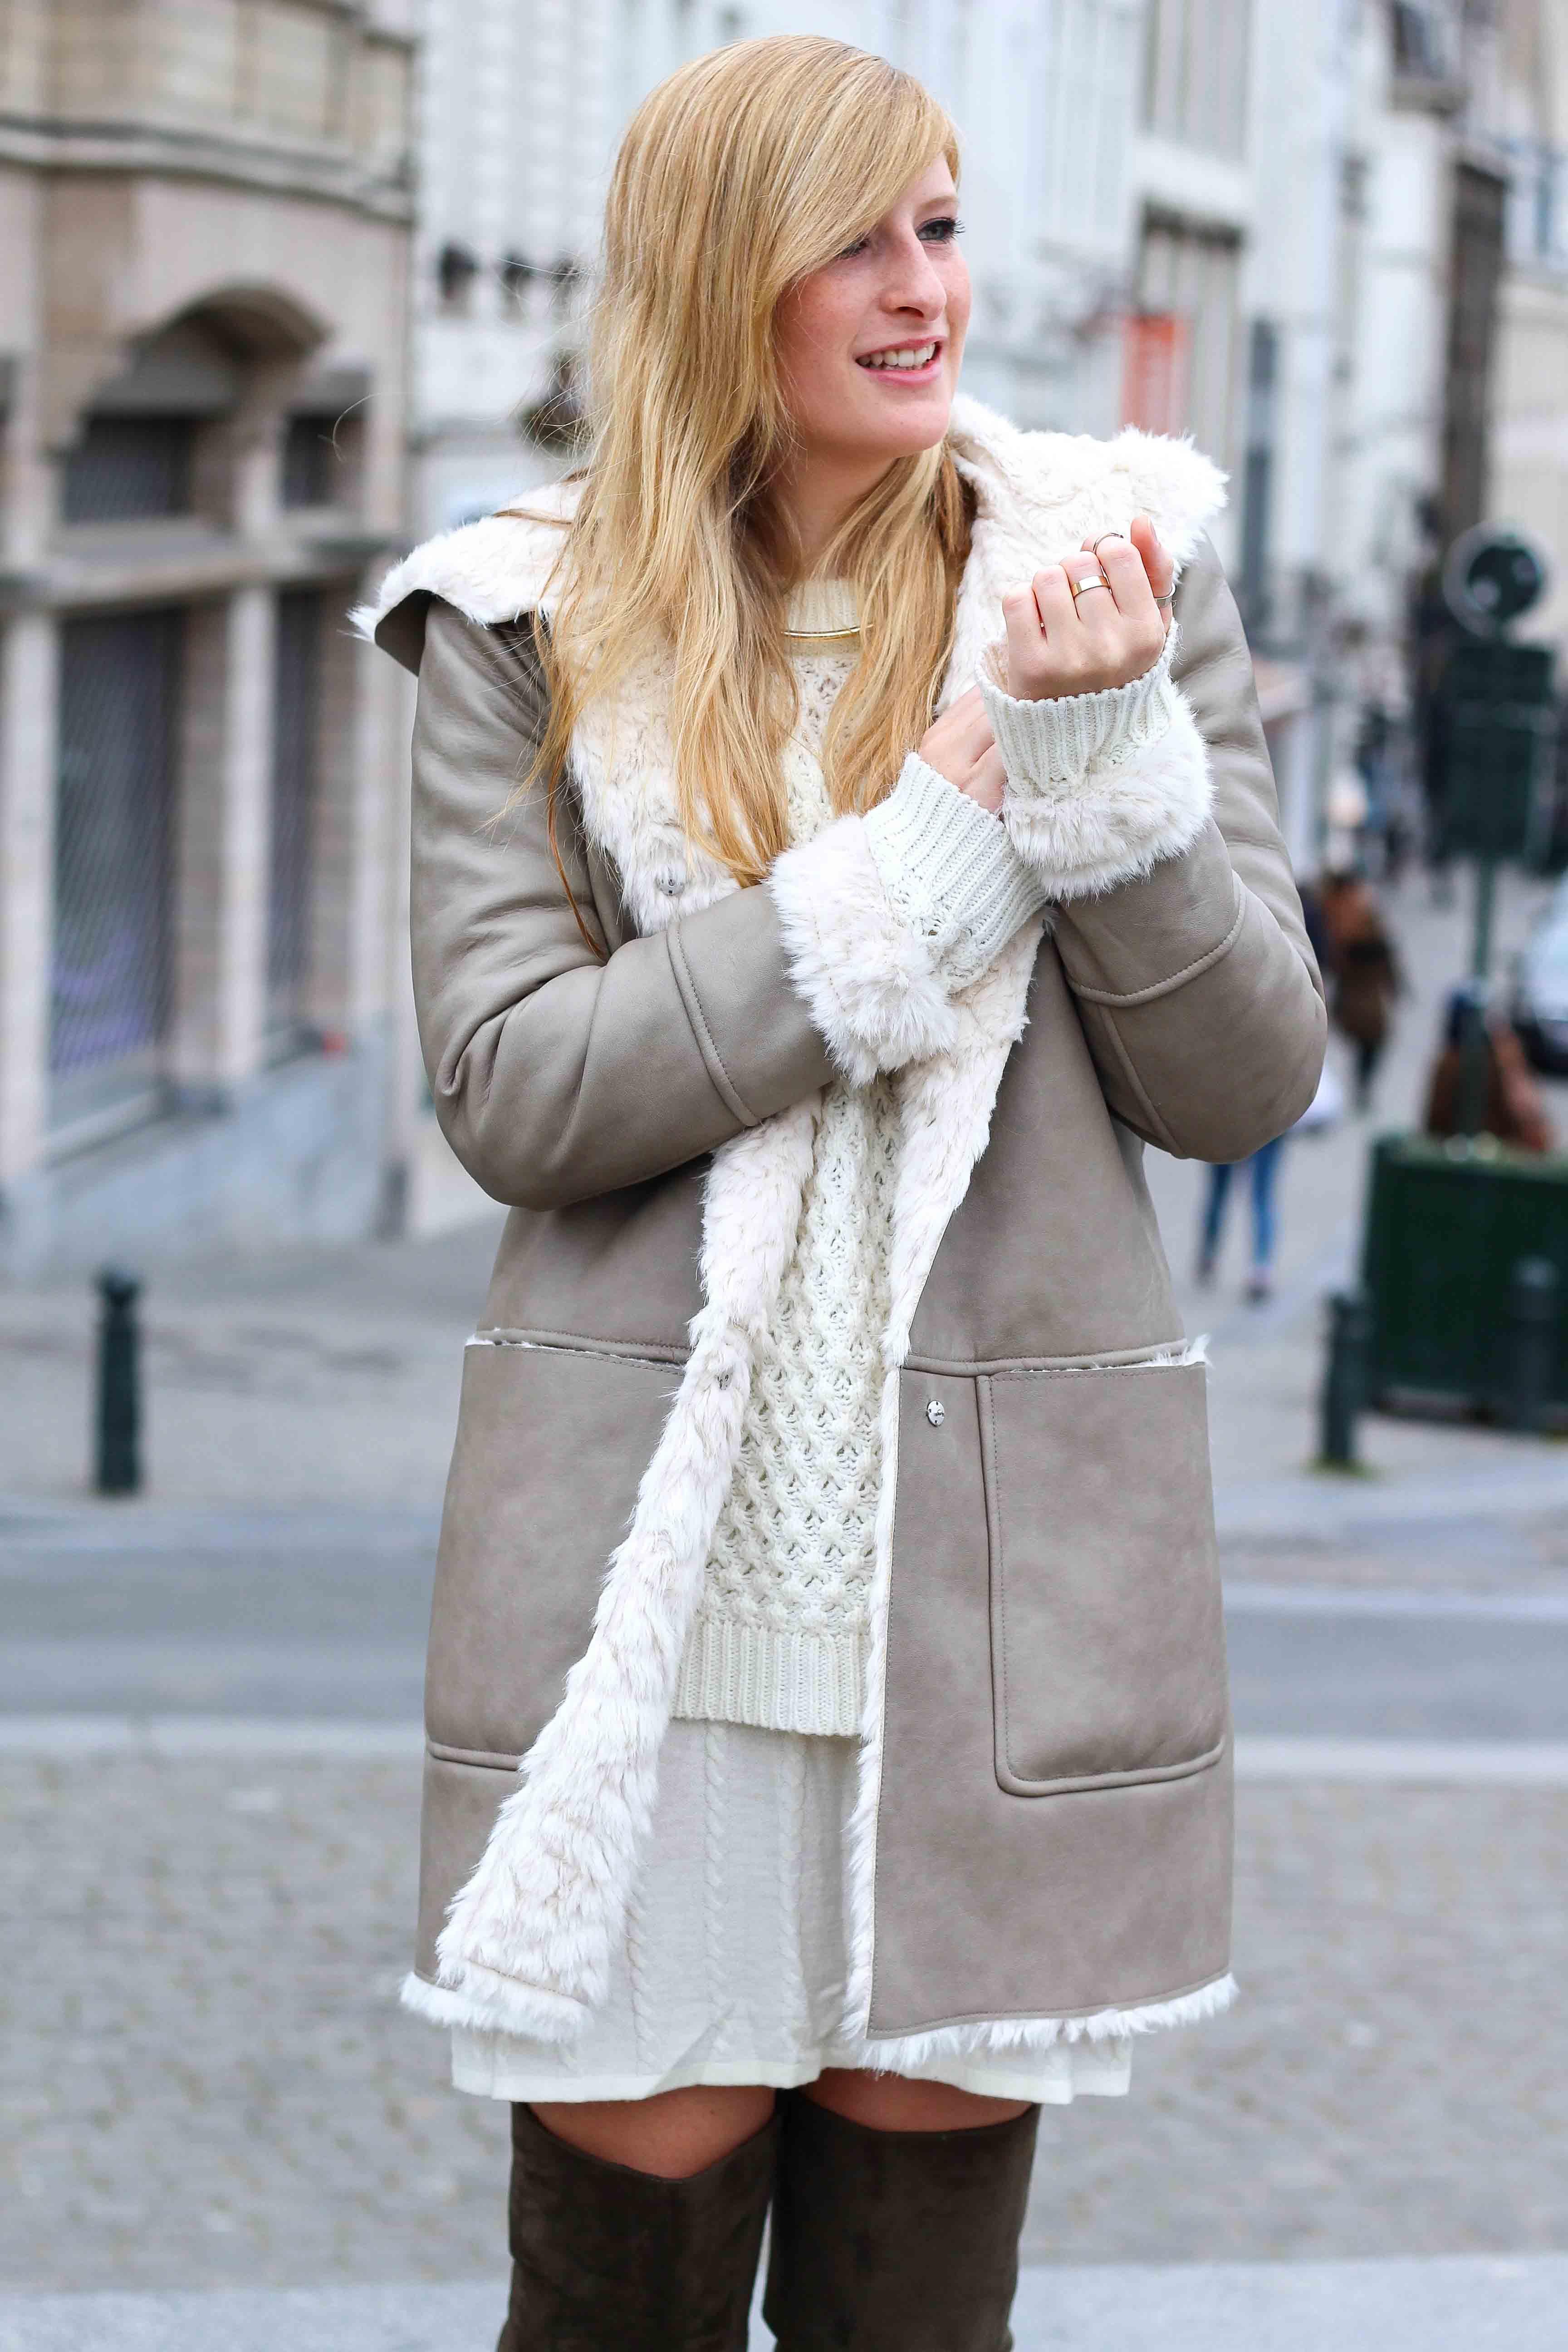 Grüne Overknees Zara Ledermantel Overknee Stiefel Nude Wollkleid Fashion Look Modeblog 3